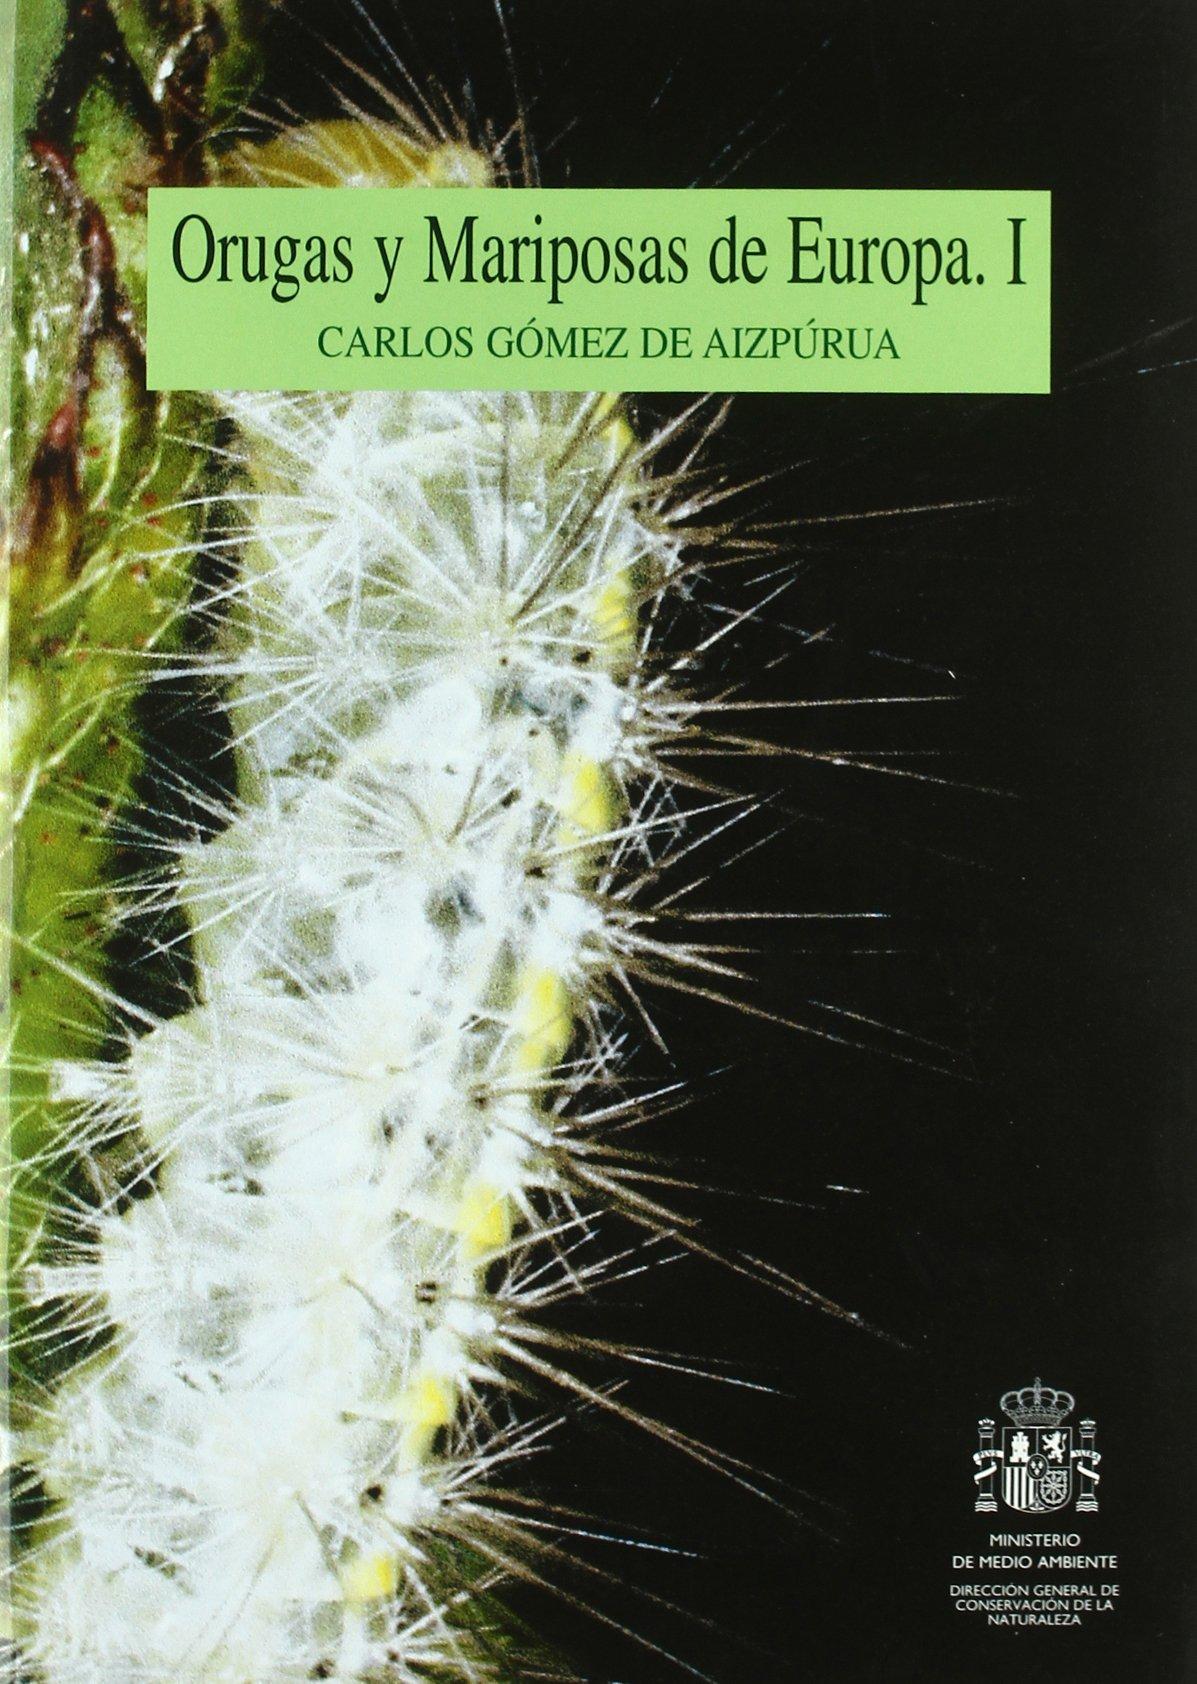 ORUGAS Y MARIPOSAS DE EUROPA VOL1: Amazon.es: España. Dirección General para la Conservación de la Naturaleza: Libros